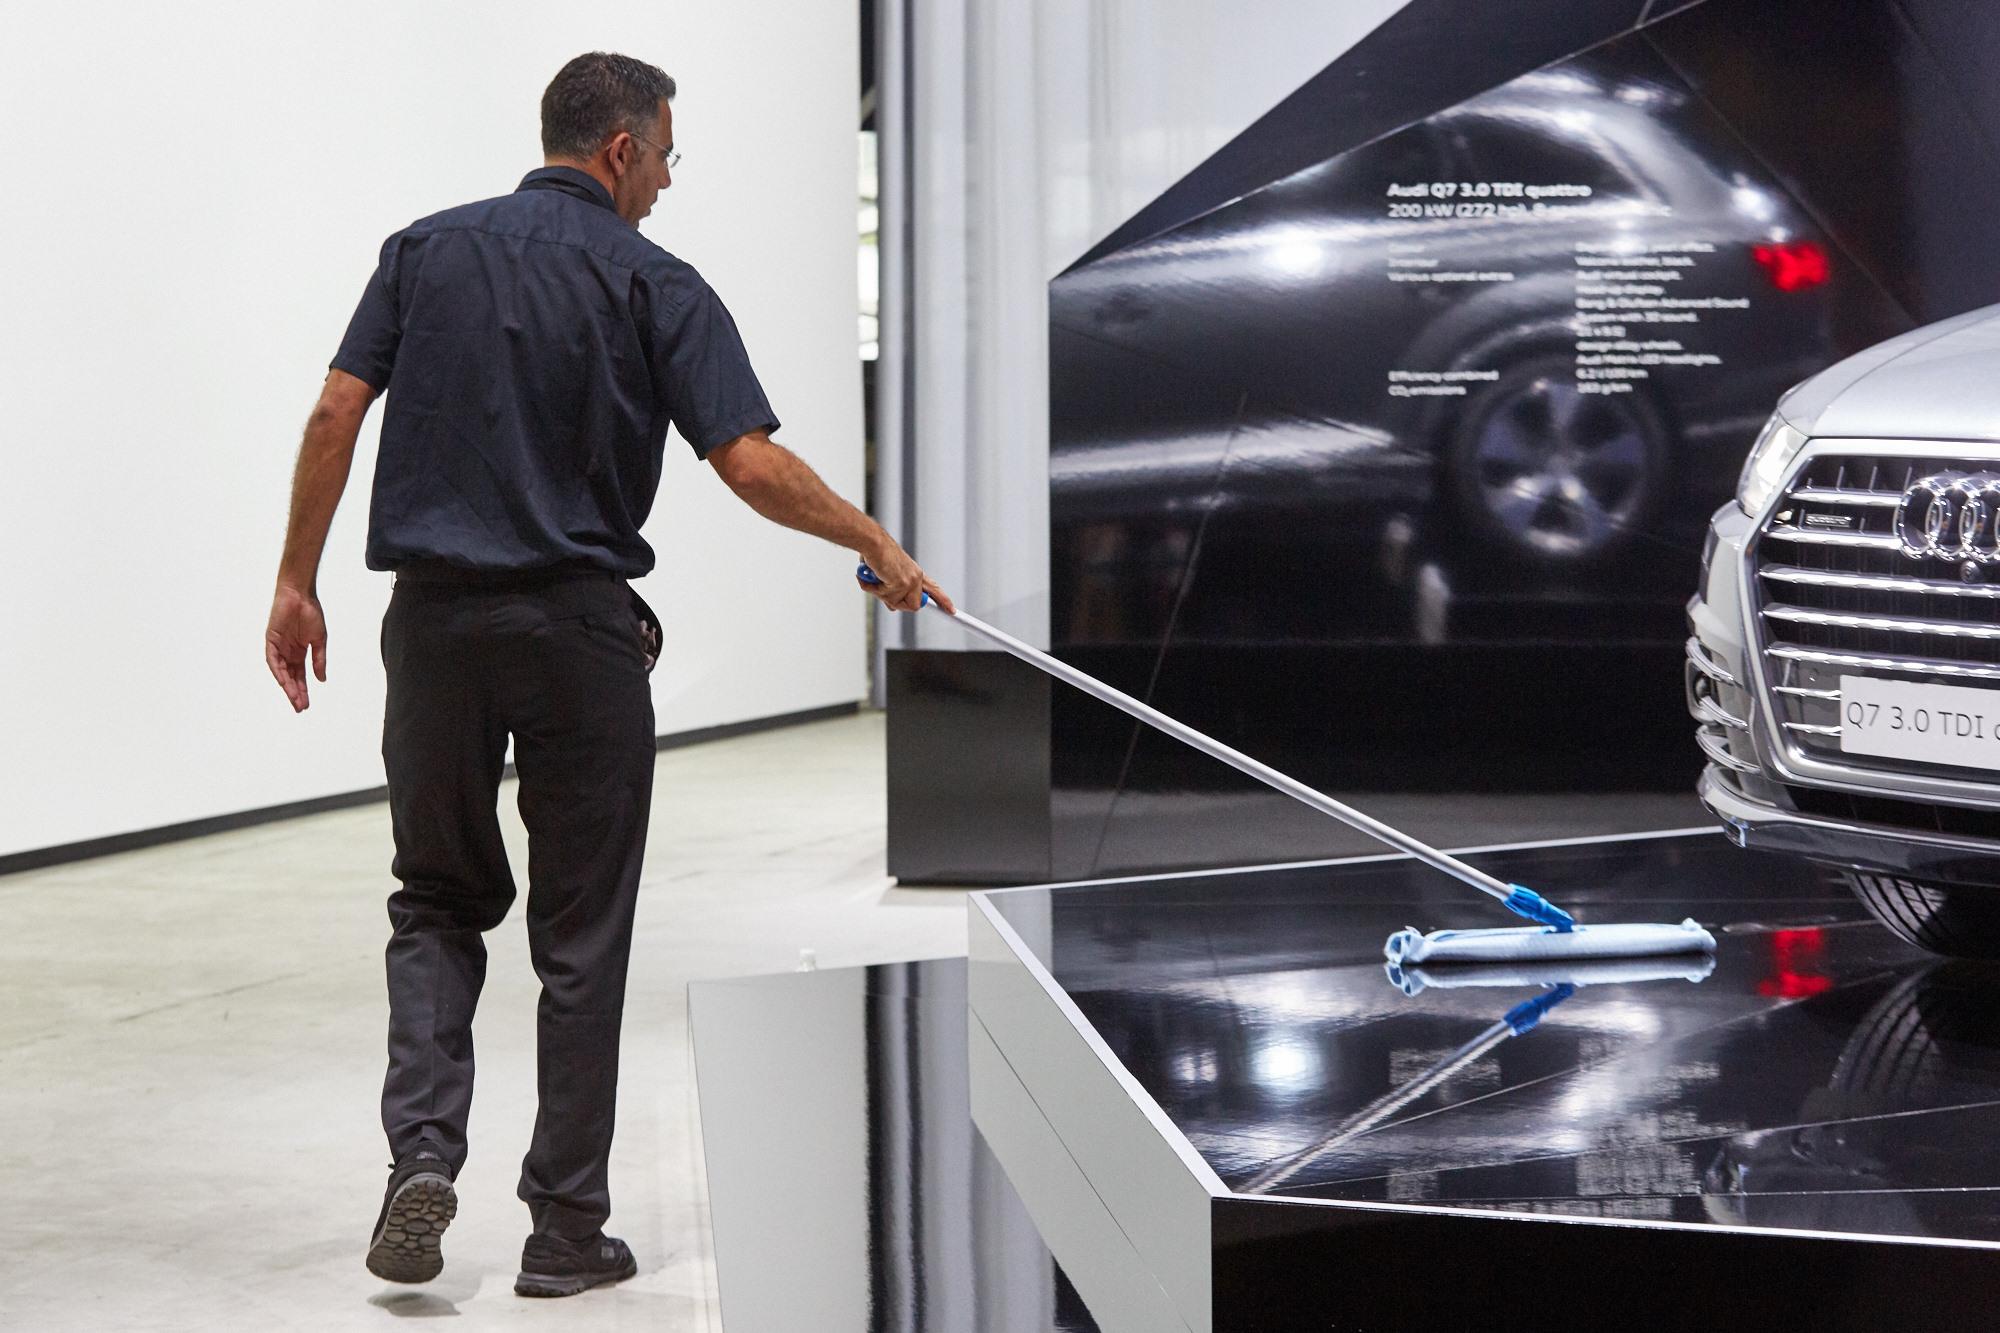 Dysfunktionalität – schwarz glänzende Flächen als Fussboden zeugen von fehlendem Designverständnis. Aber vielleicht ging es um die Schaffung von Arbeitsplätzen.